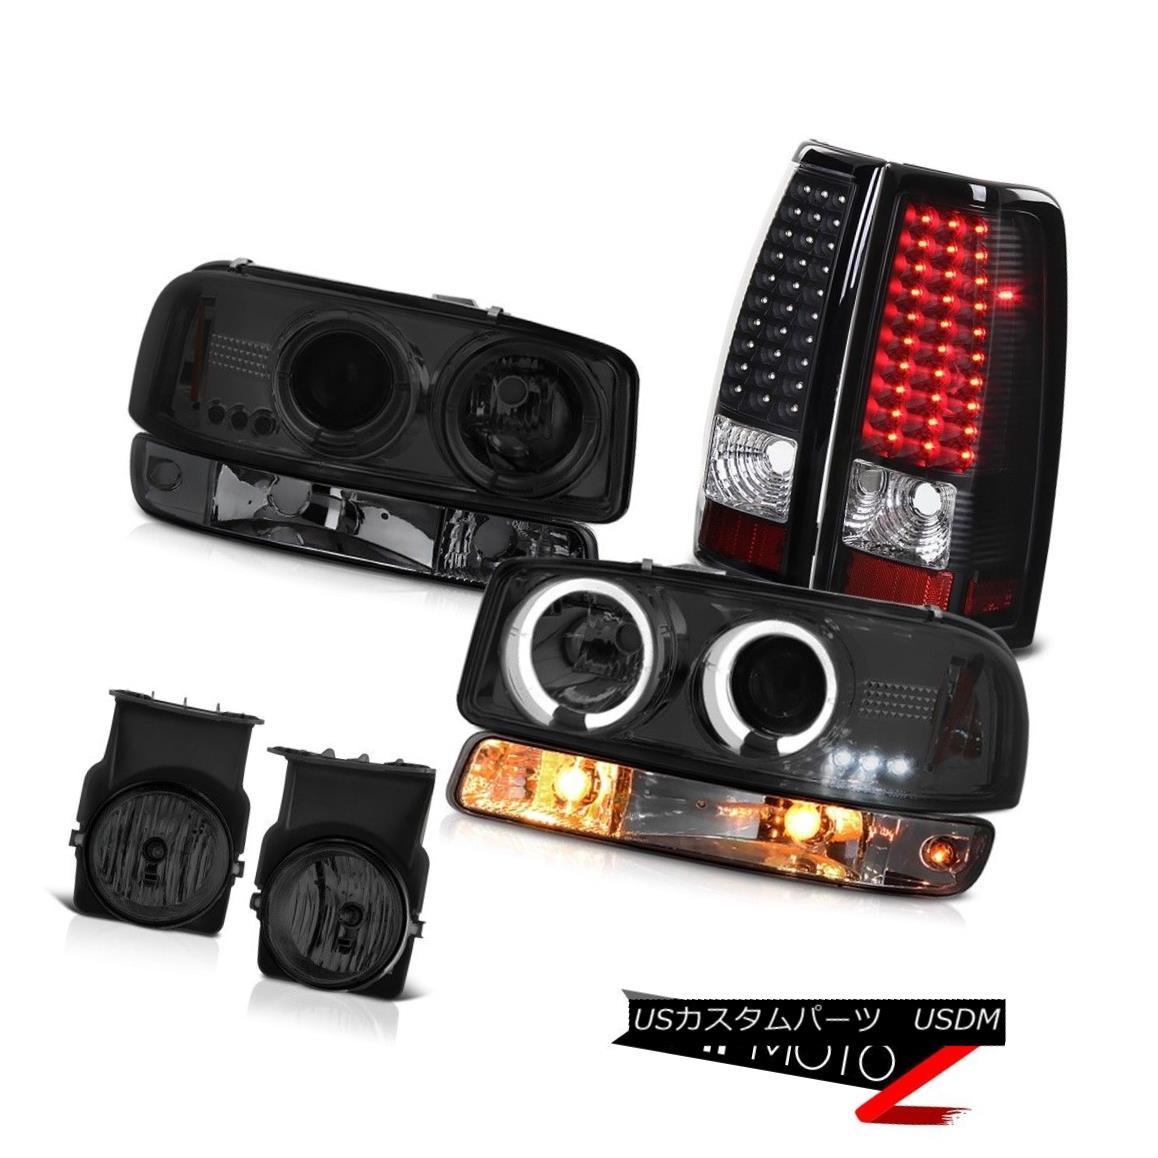 テールライト 03 04 05 06 Sierra GMT800 Foglights inky black tail lights turn signal headlamps 03 04 05 06シエラGMT800 Foglights黒いテールランプのターンシグナルヘッドランプ